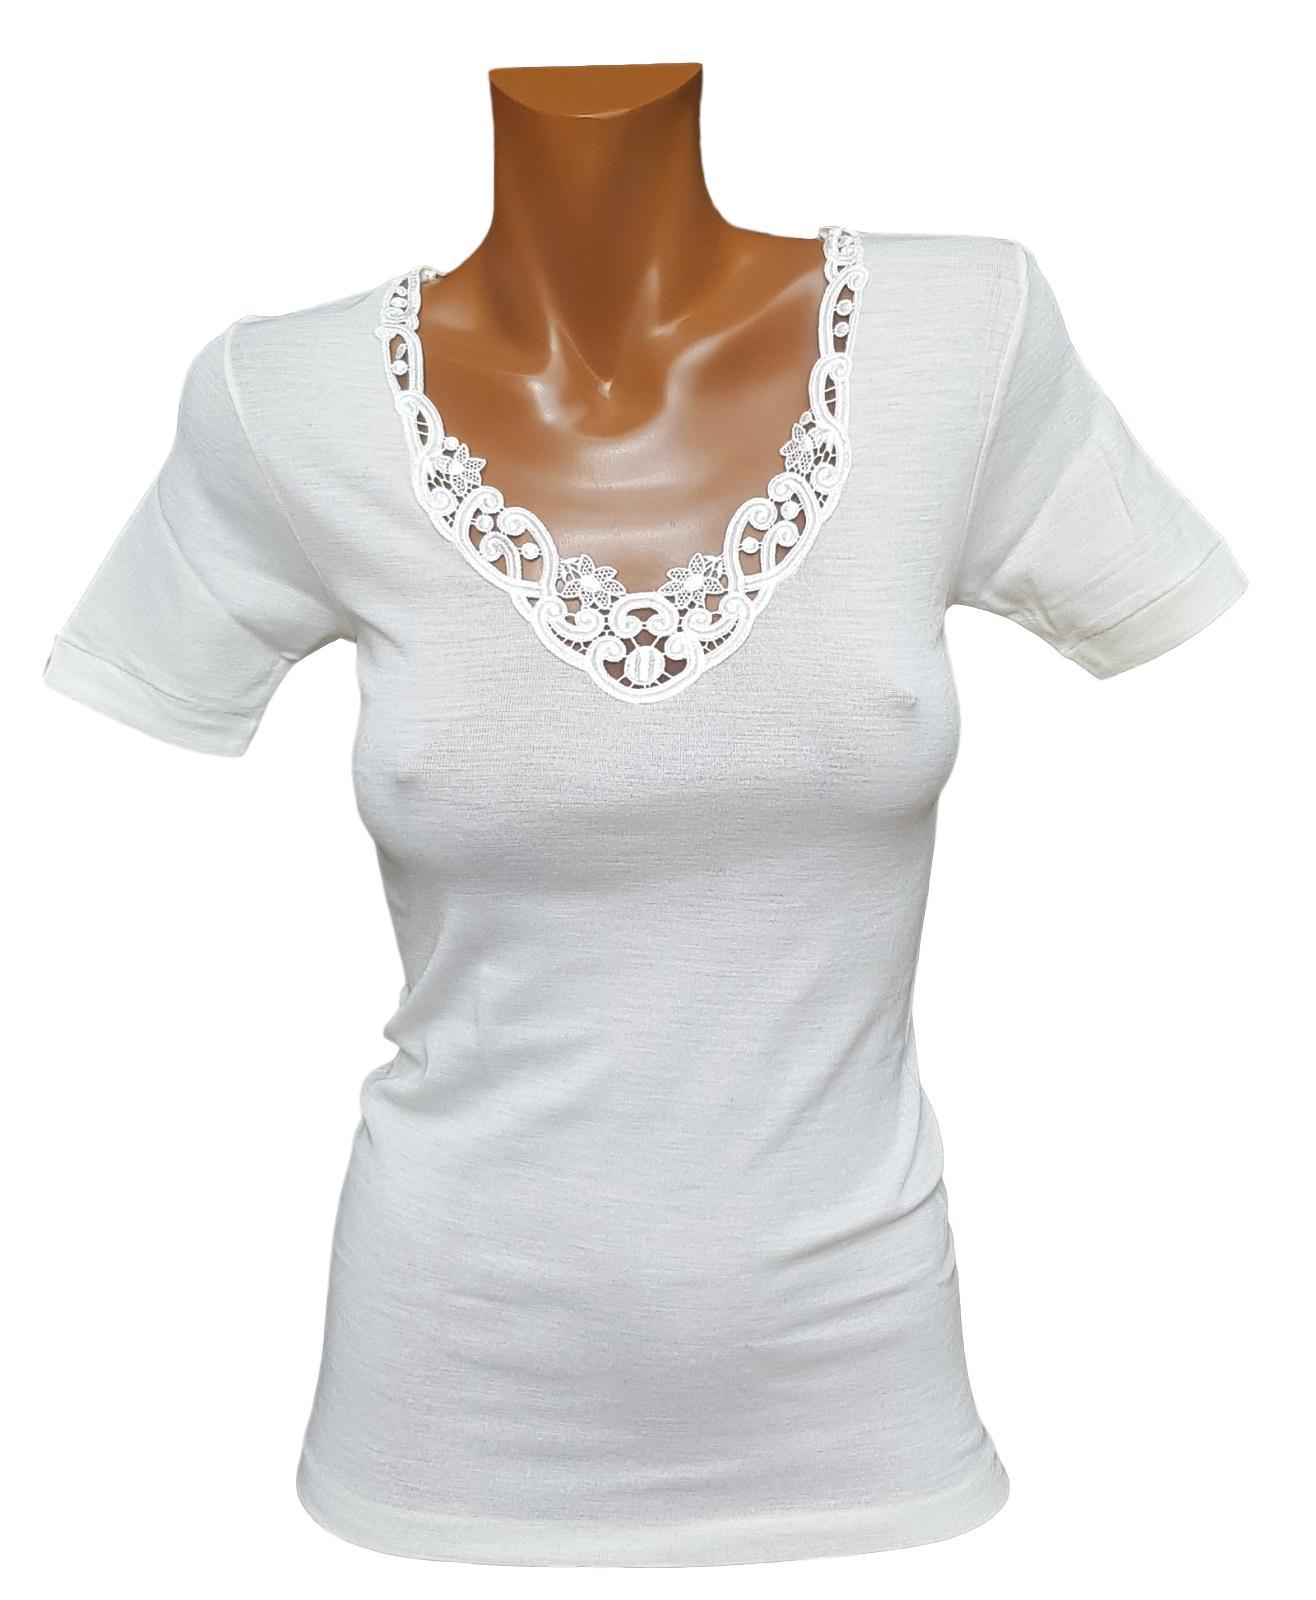 T-Shirt donna, maglietta a mezza manica Misto Lana MANUFAT Linea Verde 244